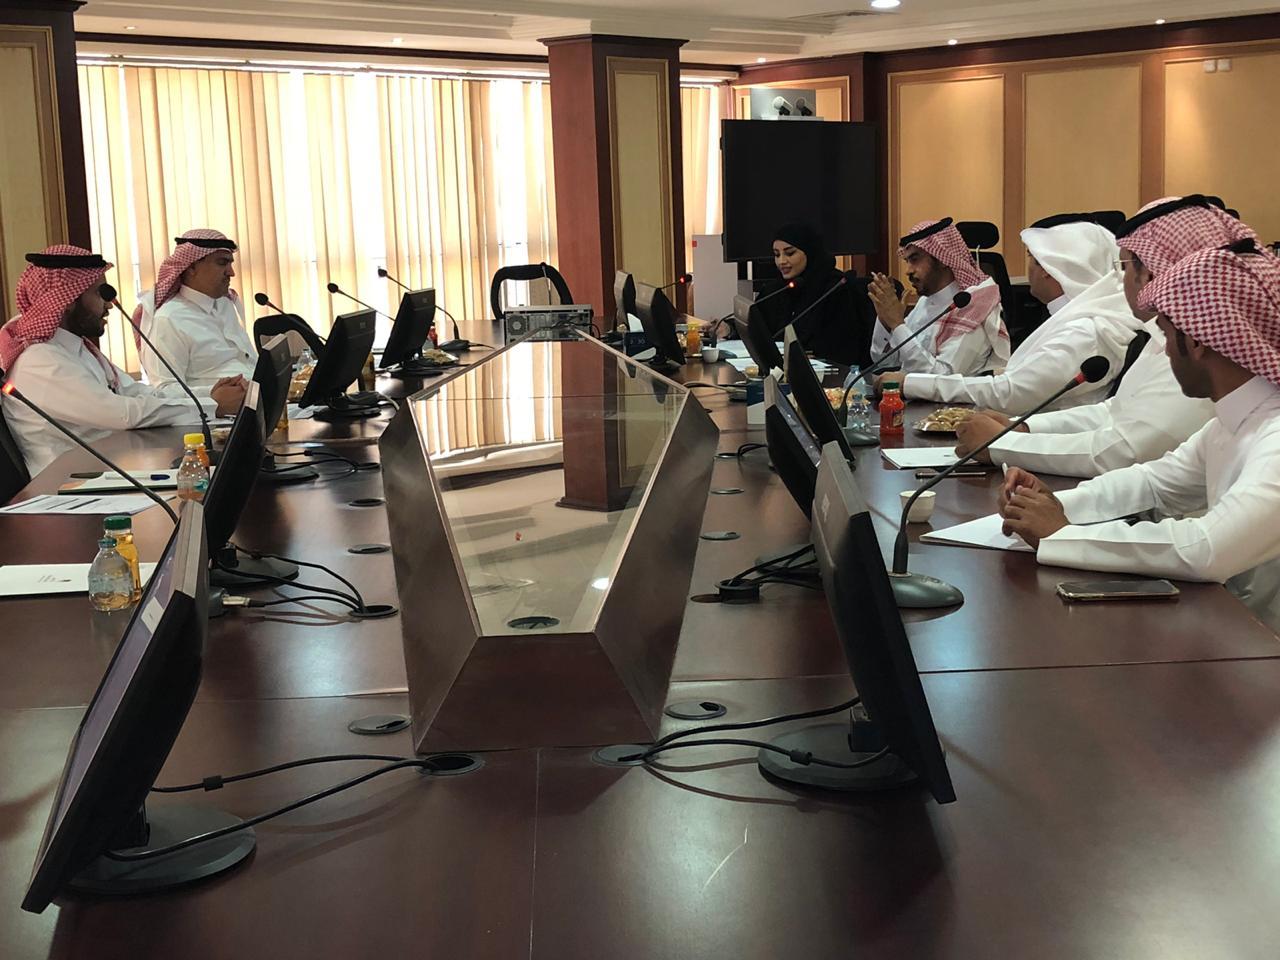 فرع وزارة العمل في القصيم يبحث سبل التوطين بالقطاع الخاص